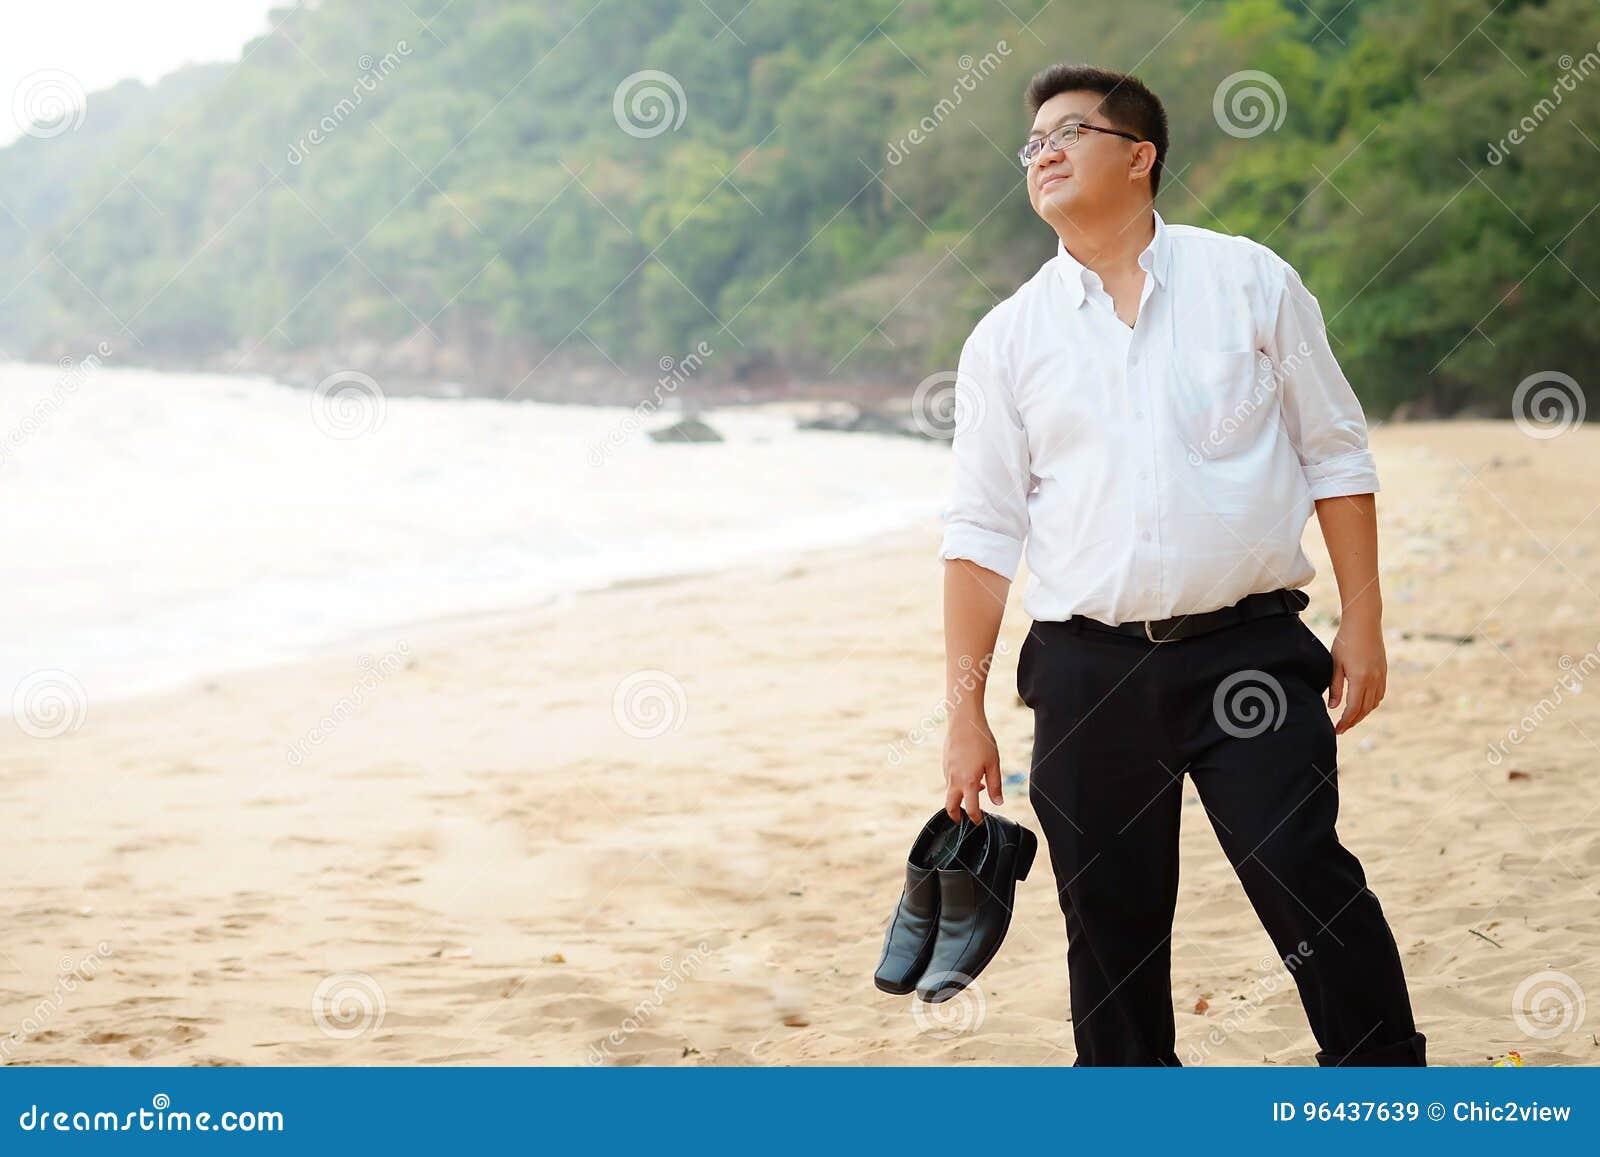 Y Los Adulto Gordo La El Asiático Hombre Lleva Blanca Camisa En shtrxQCd